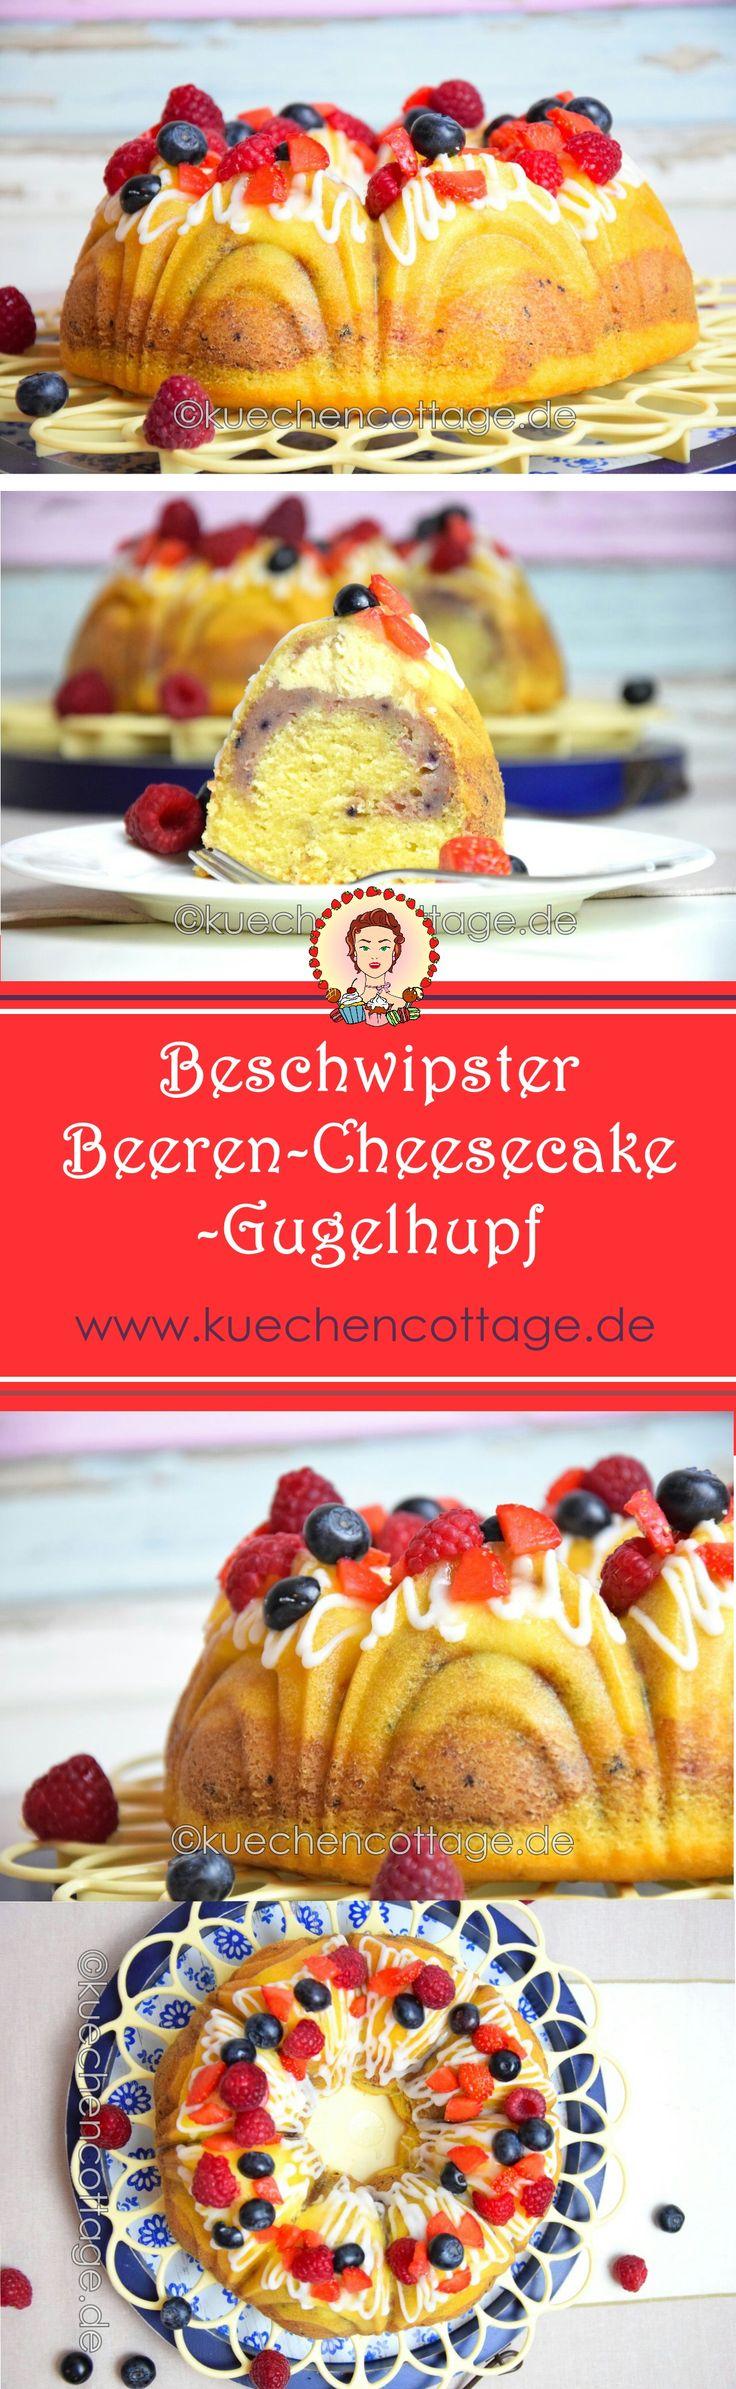 Für meinen Geschmack ist dieser köstliche Gugelhupf der perfekte Begleiter für den Nachmittagskaffee. Eine traumhafte Kombination aus Erd-, Him-, Heidelbeeren und feinem Rührkuchen mit Schwips, wird gekrönt von einer cremigen Cheesecake-Füllung. Absolut mein Fall und bestimmt auch deiner.   #backen #kuchen #Rührkuchen #beeren #cheesecake #Gugelhupf #Gugl #Guglhupf #Rezept #Backideen #Beerensaision #Erdbeeren #Heidelbeeren #Himbeeren #Sektkuchen #Beerenkuchen #foodporn #Blog